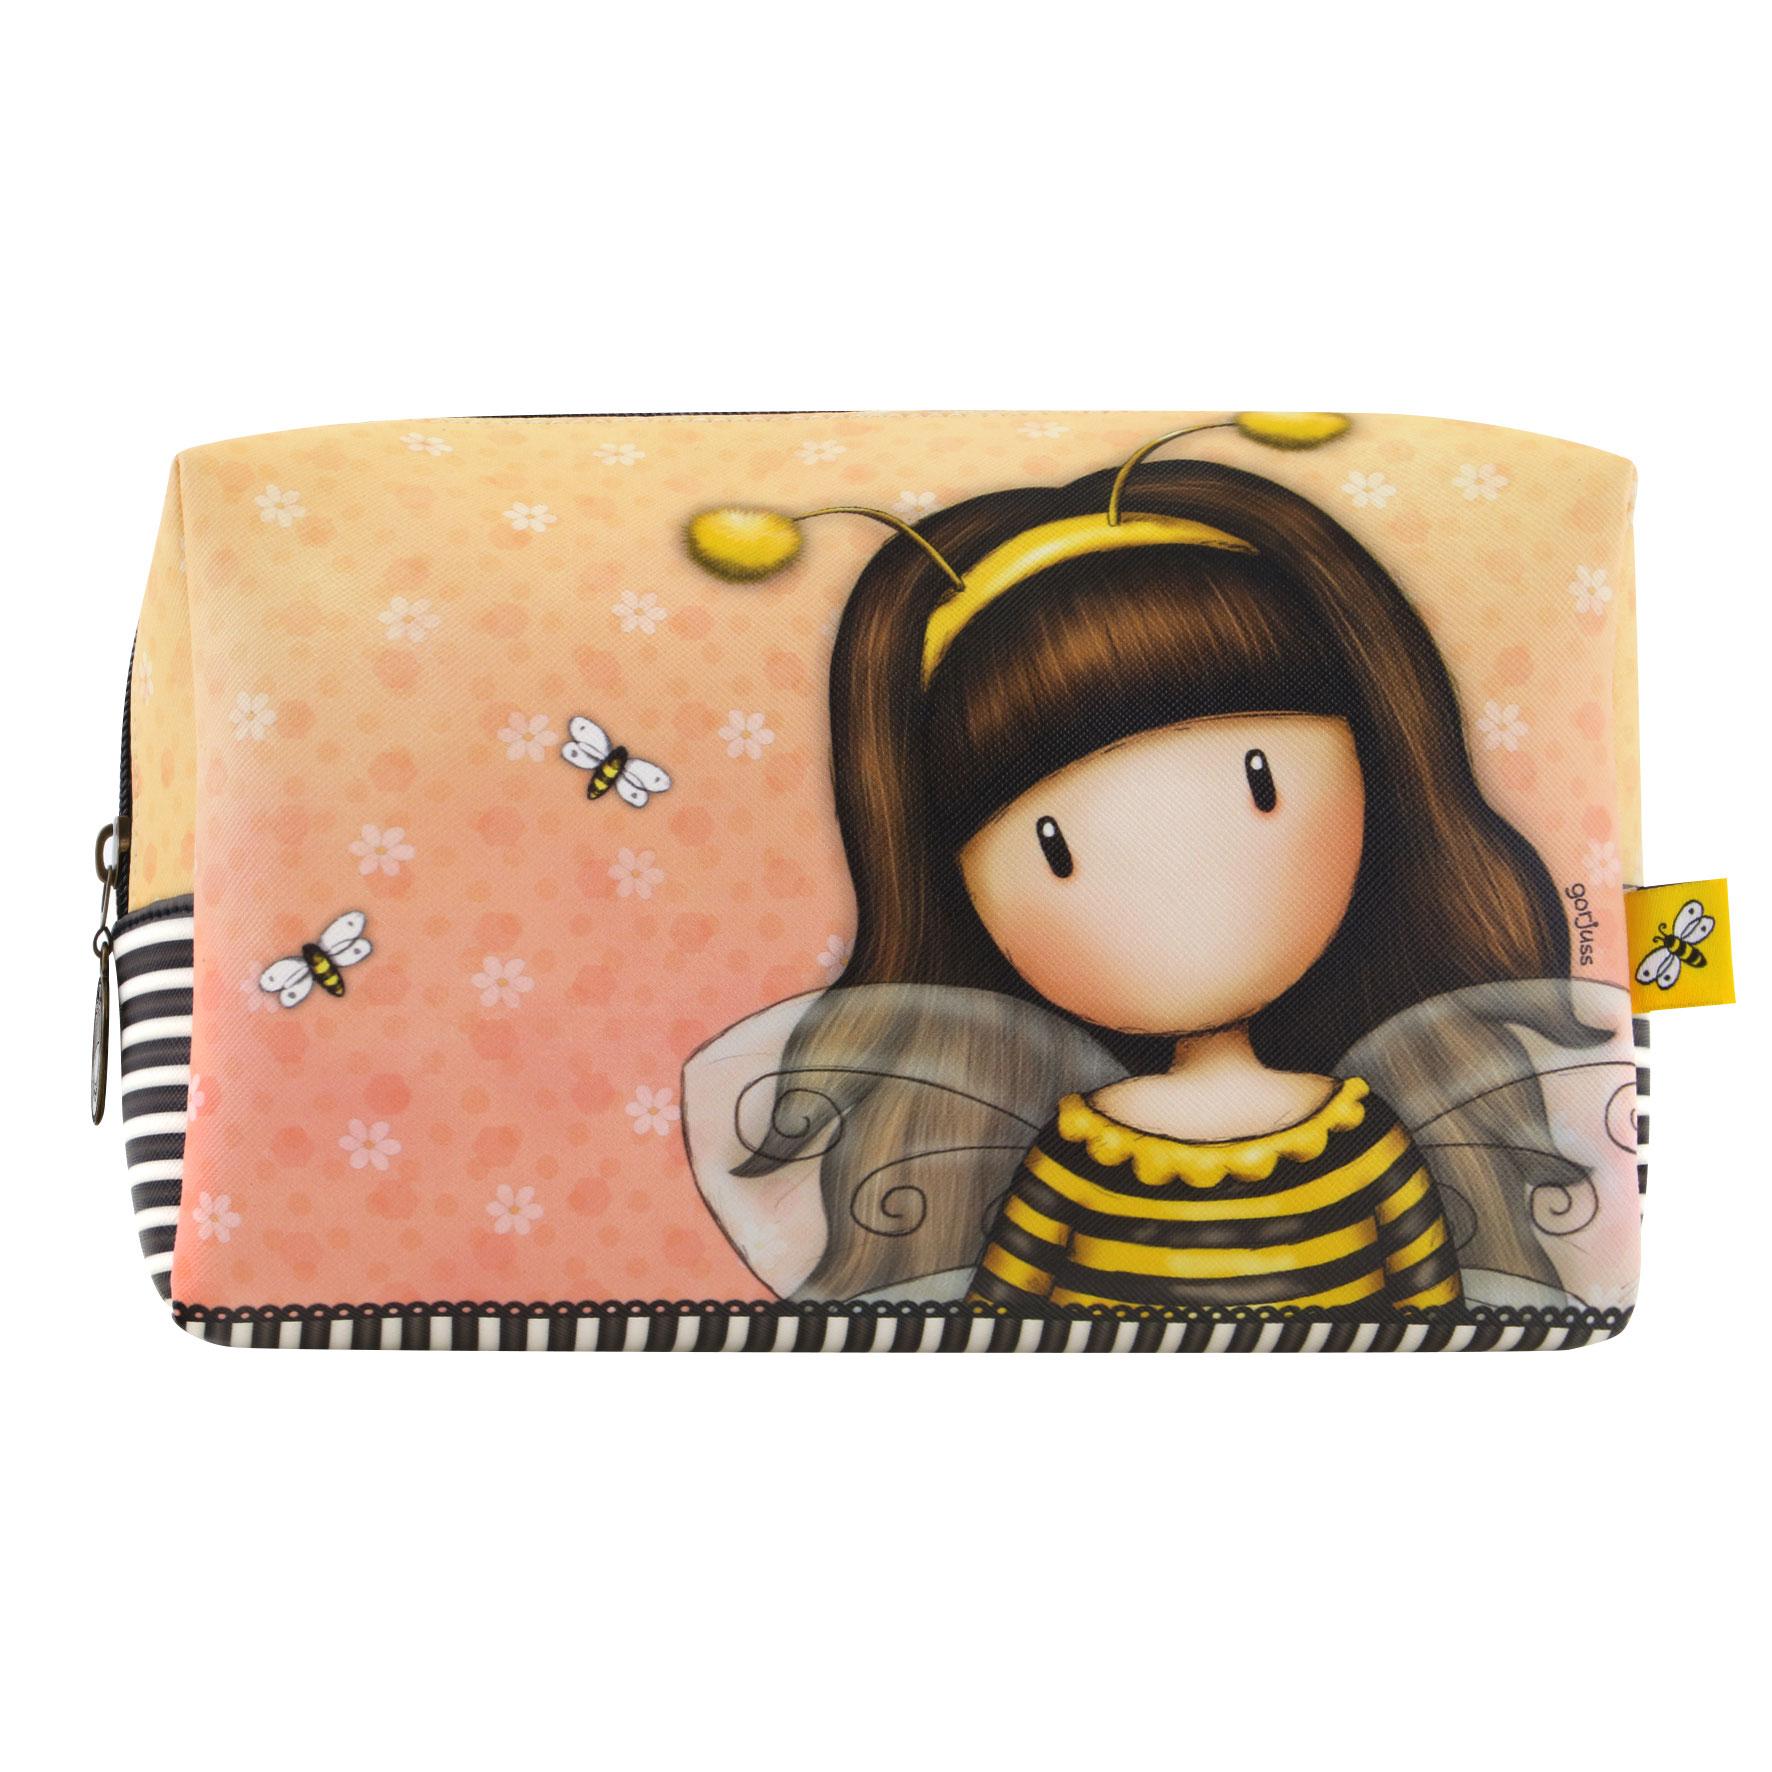 Santoro London - Kosmetická taška (velká) - Gorjuss - Bee-Loved (Just Bee-Cause) Černá, žlutá, béžová